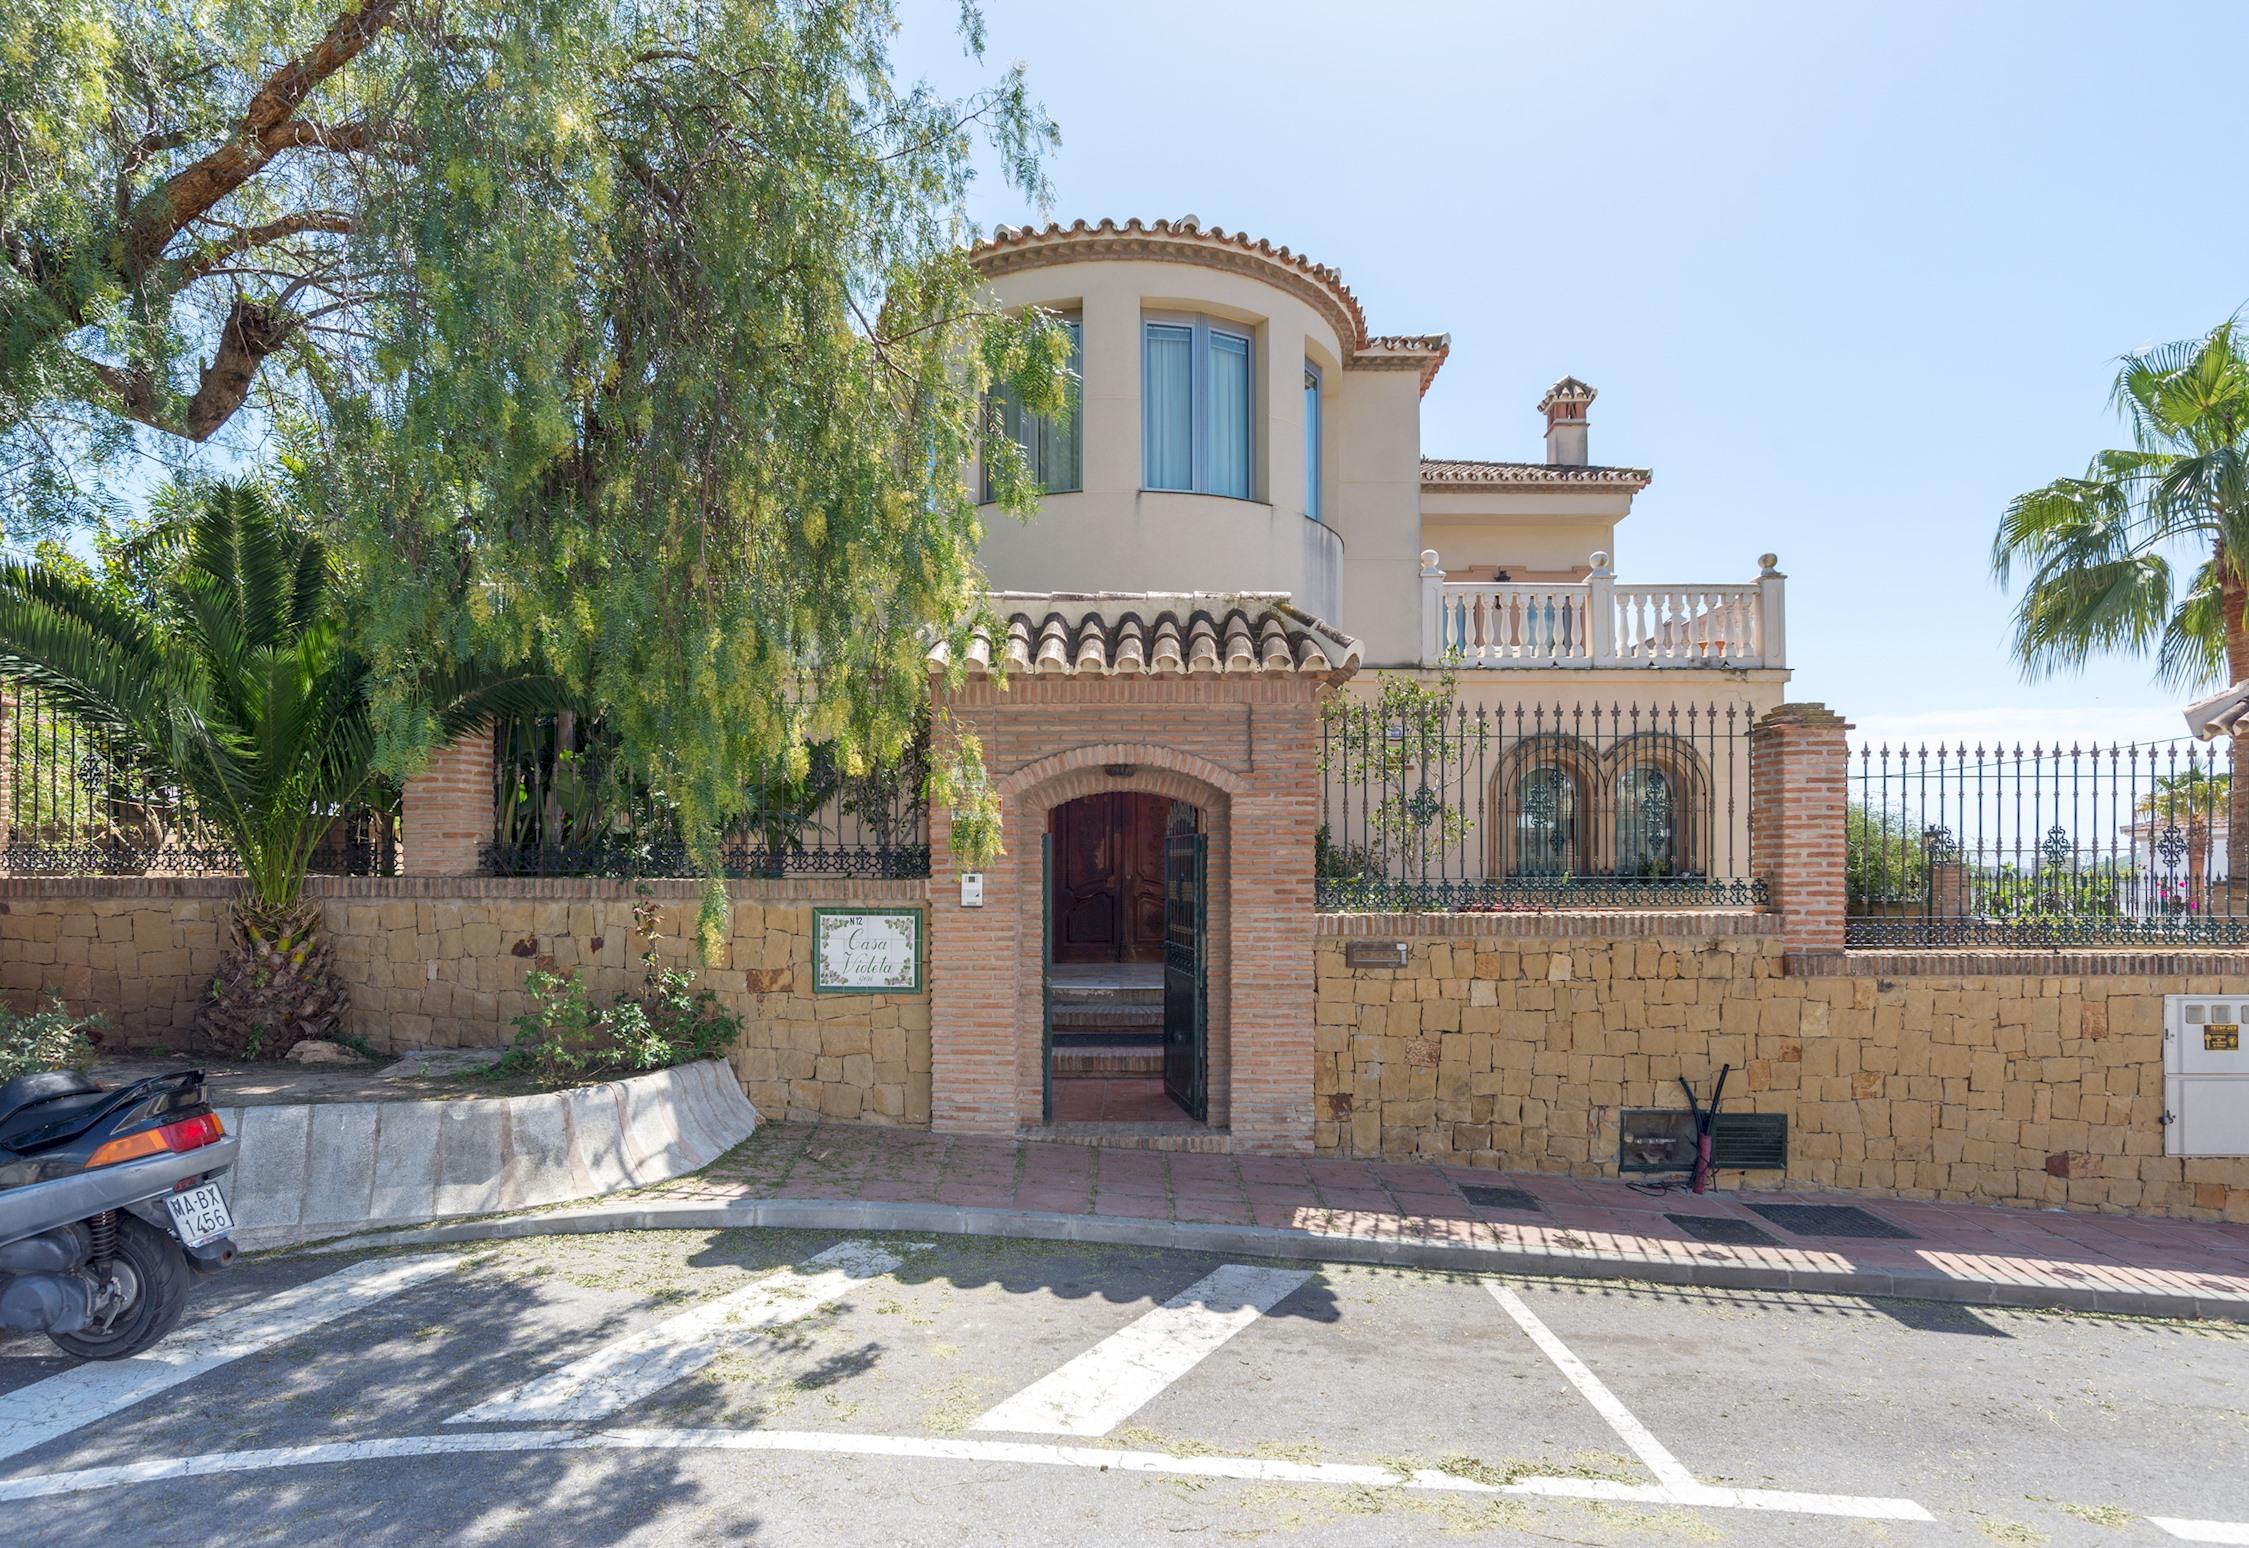 MalagaSuite Fancy House photo 20506820